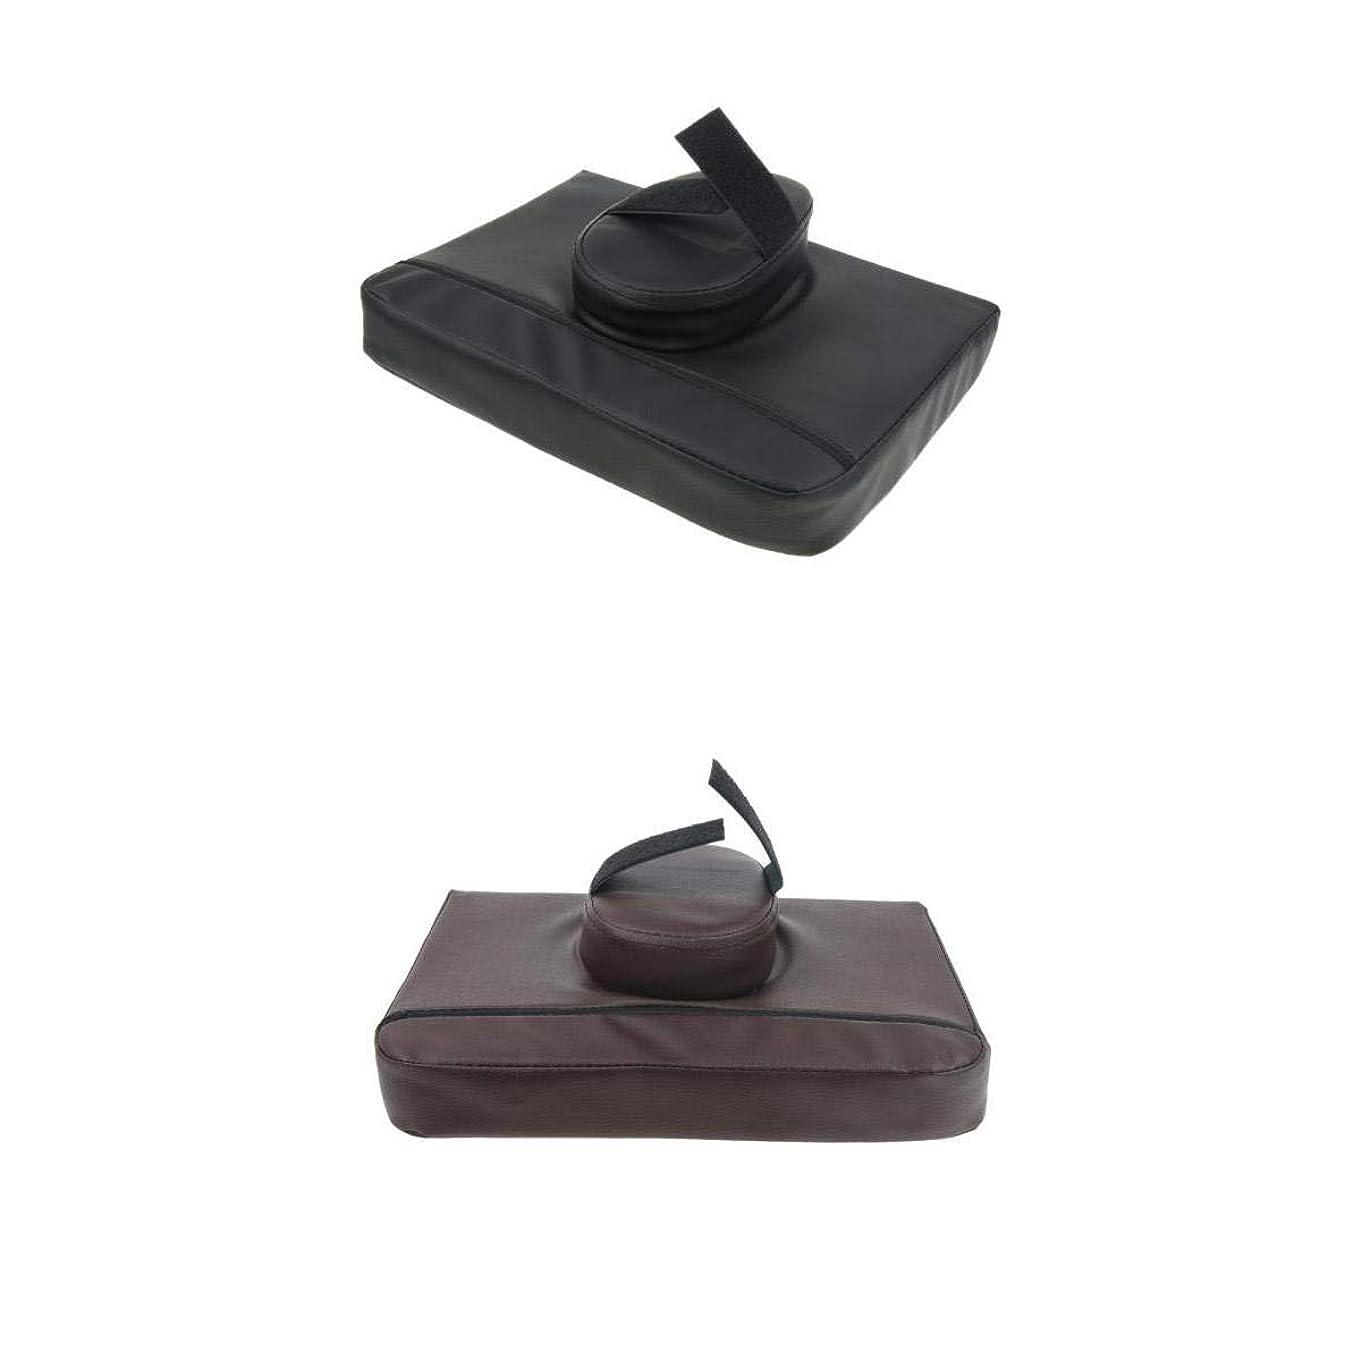 不均一資料保証Fenteer マッサージクッション マッサージ枕 マッサージピロー スクエア マッサージテーブル用 通気性 2個入